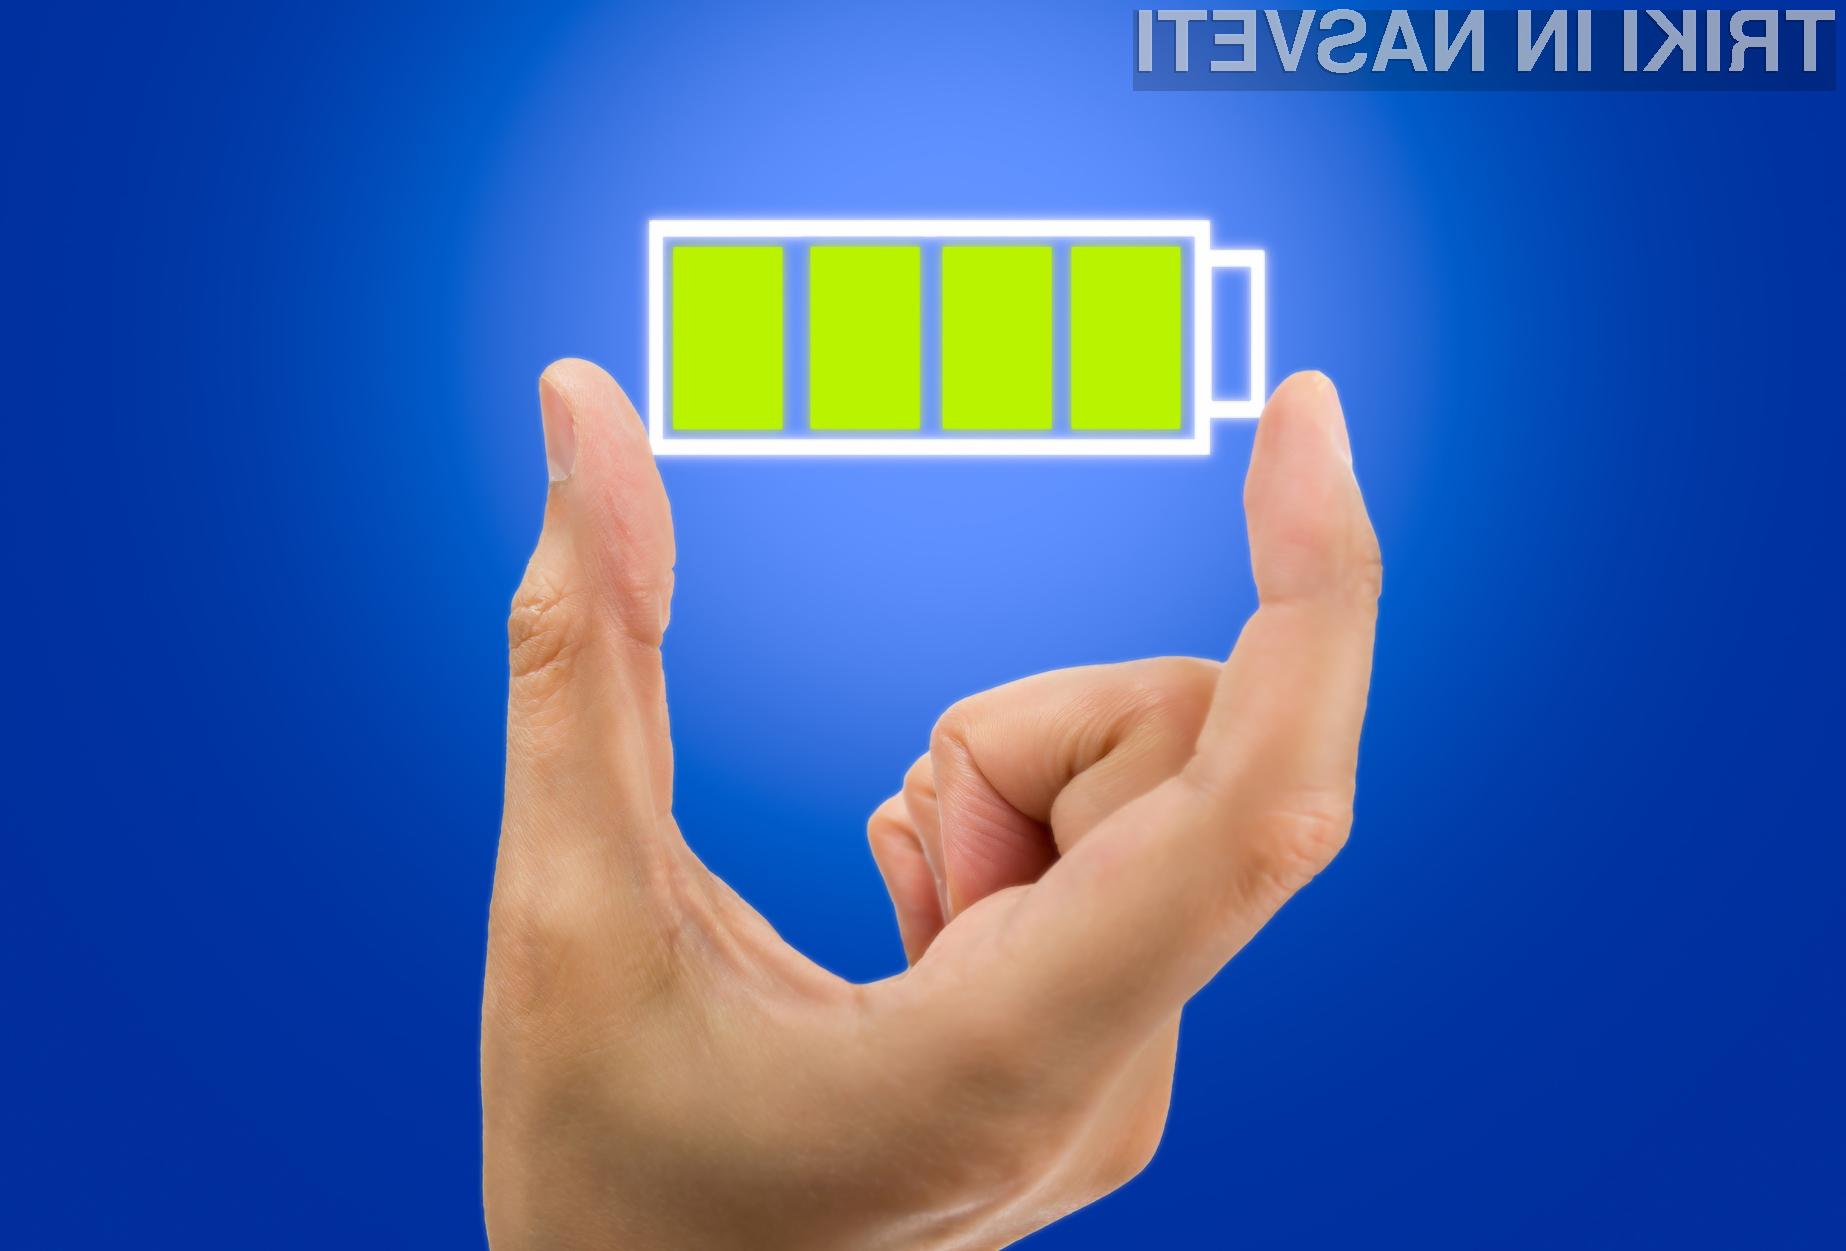 Z nekaj enostavnimi prijemi lahko hitro podaljšamo avtonomijo delovanja pametnega mobilnega telefona.